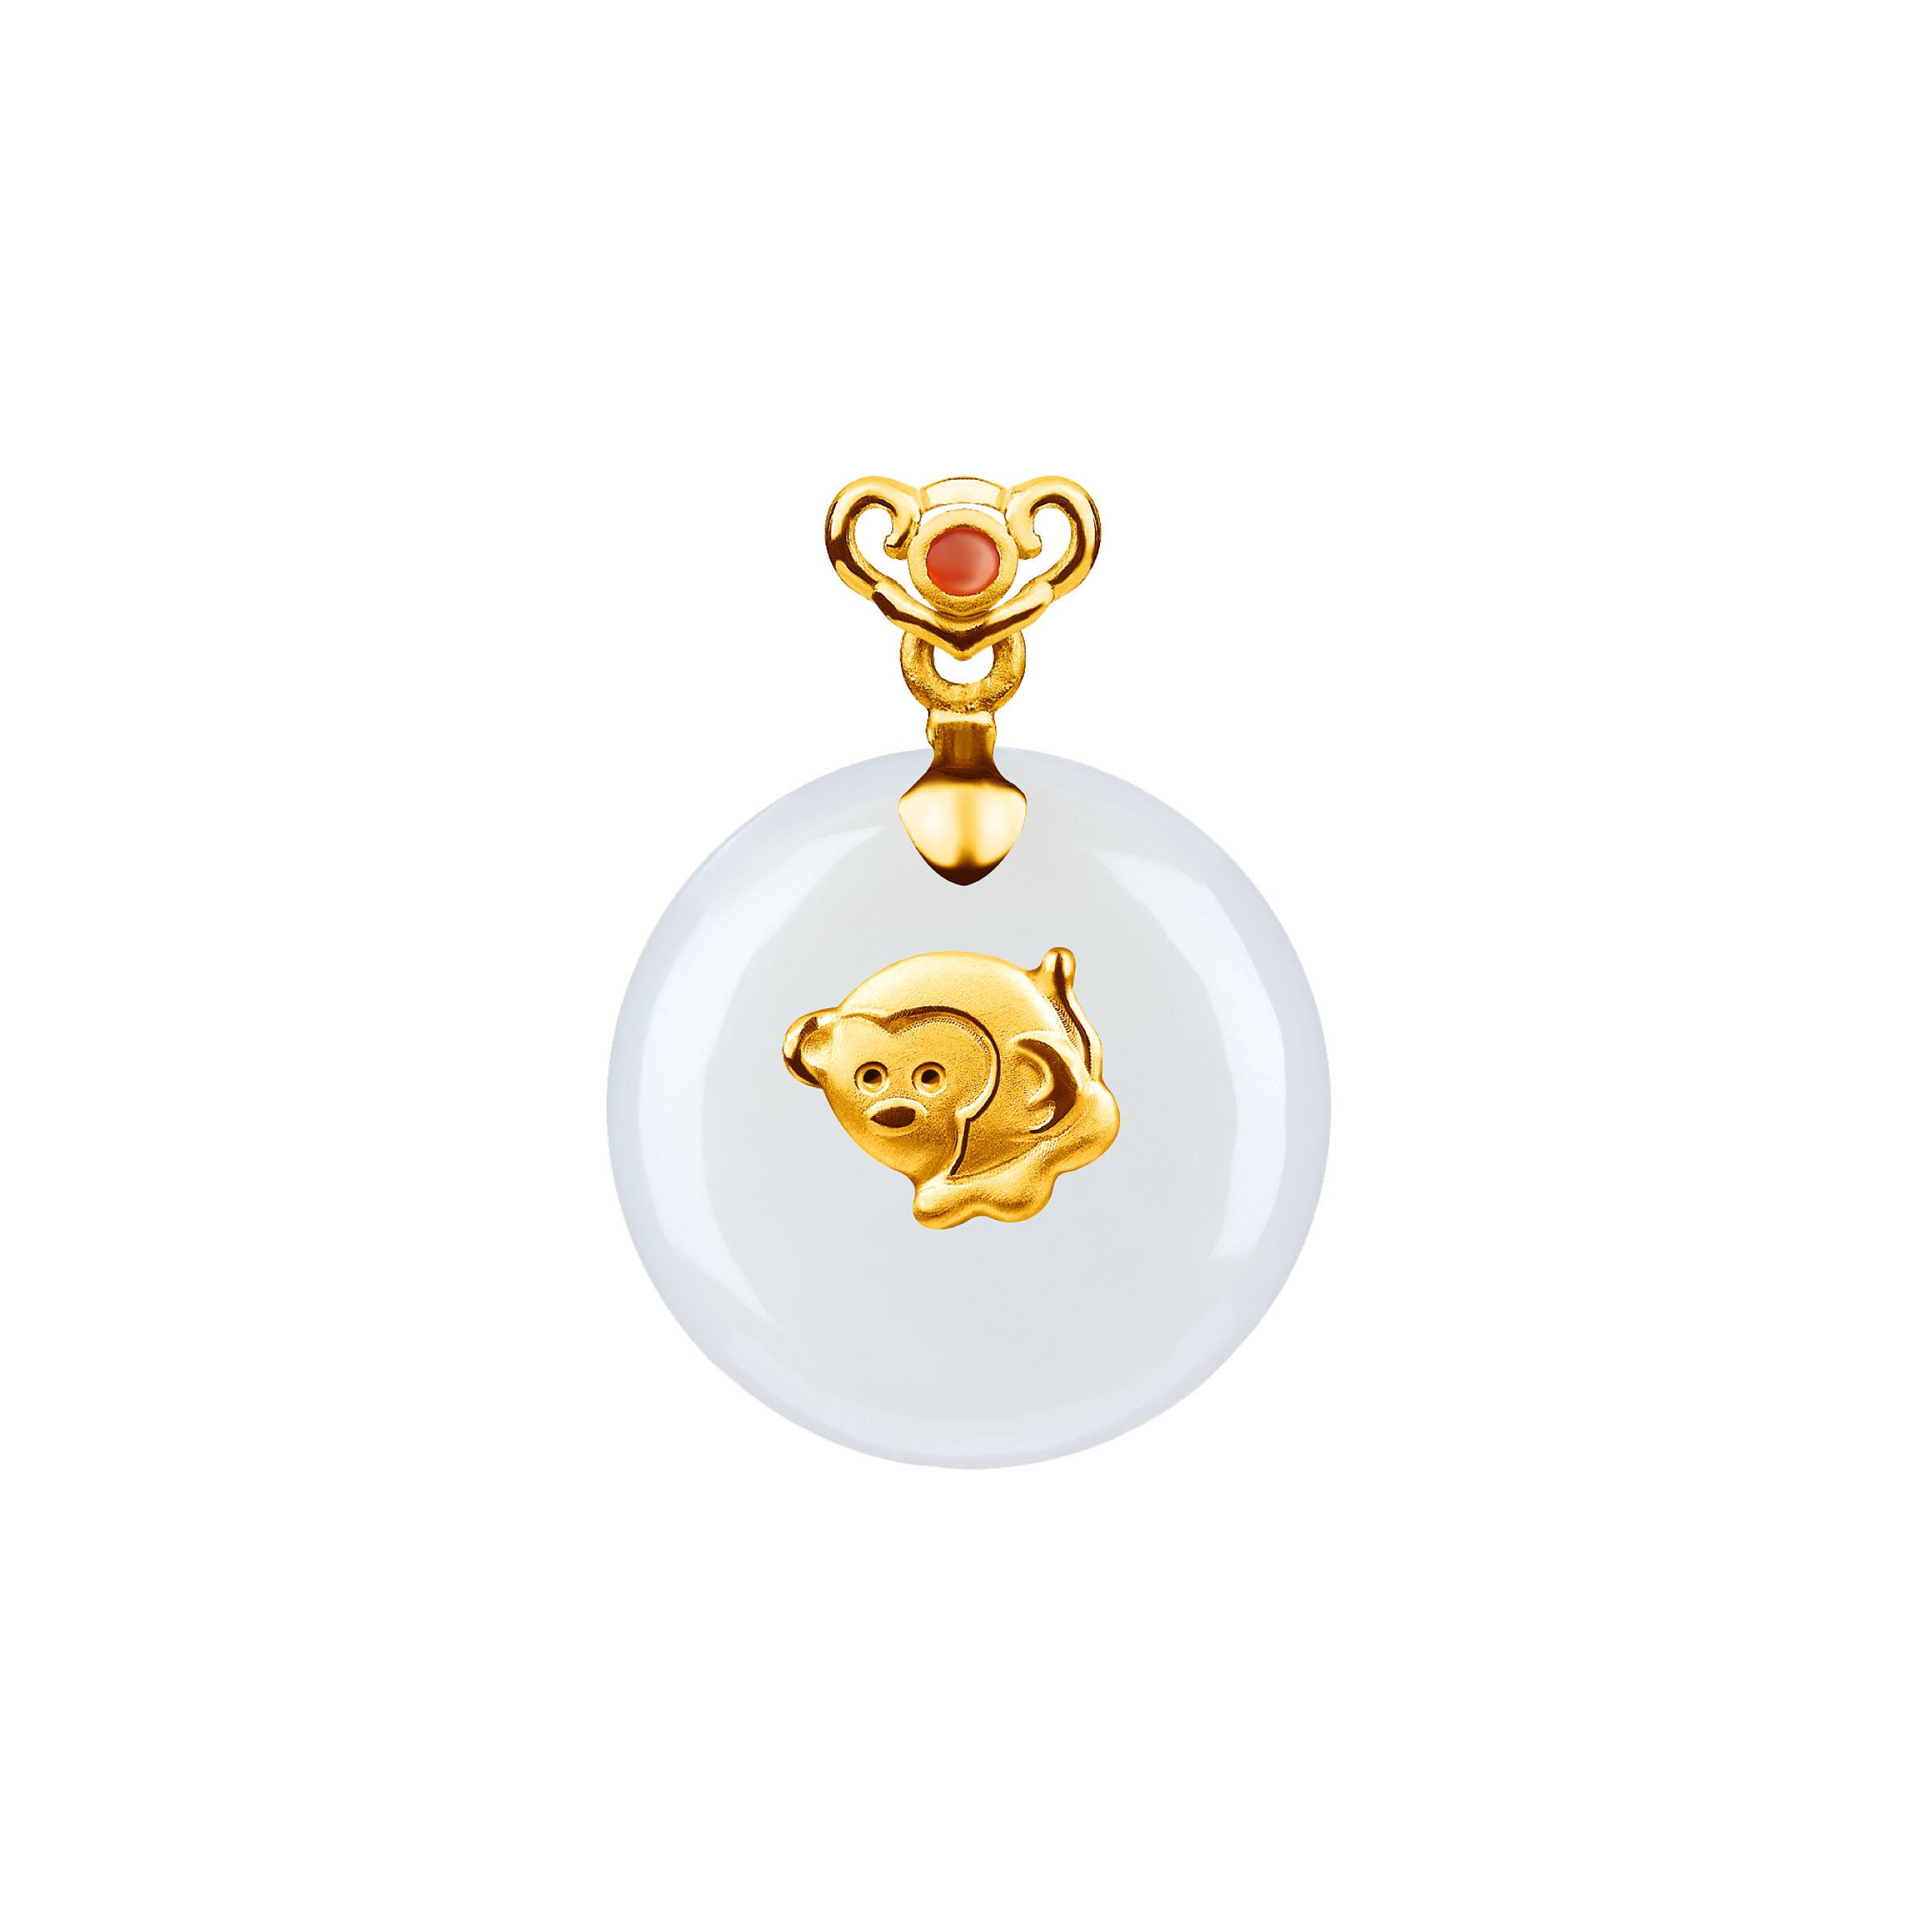 黄金镶和田玉十二生肖吊坠-猴